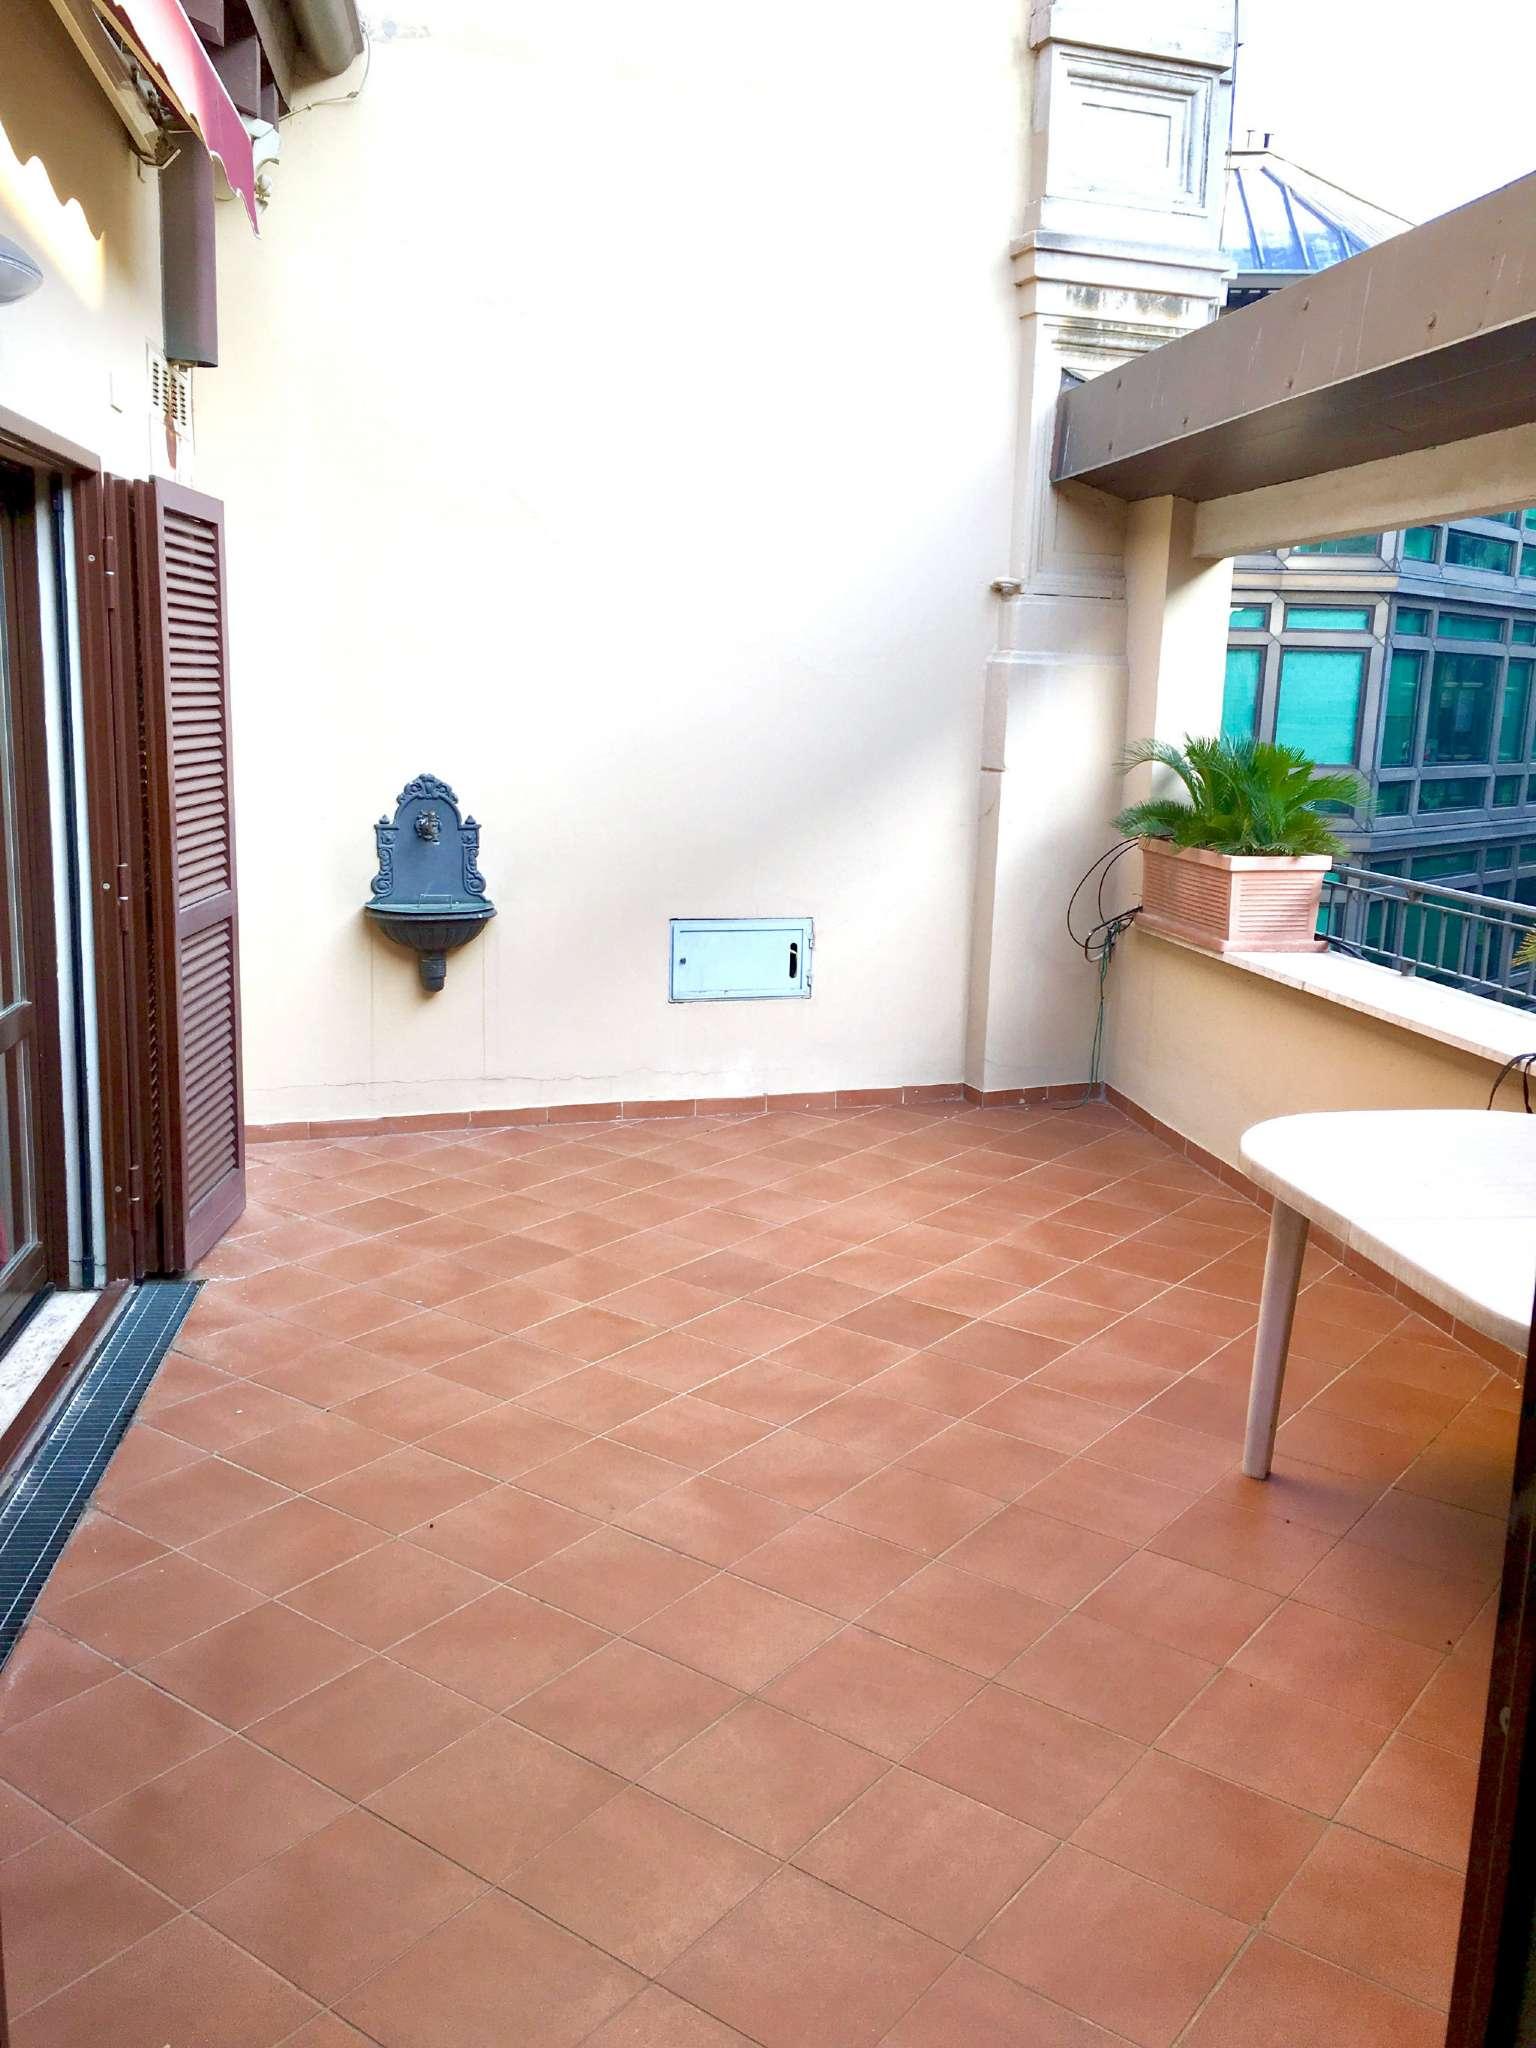 Foto 2 di Appartamento via Via Clerici, Milano (zona Centro Storico)